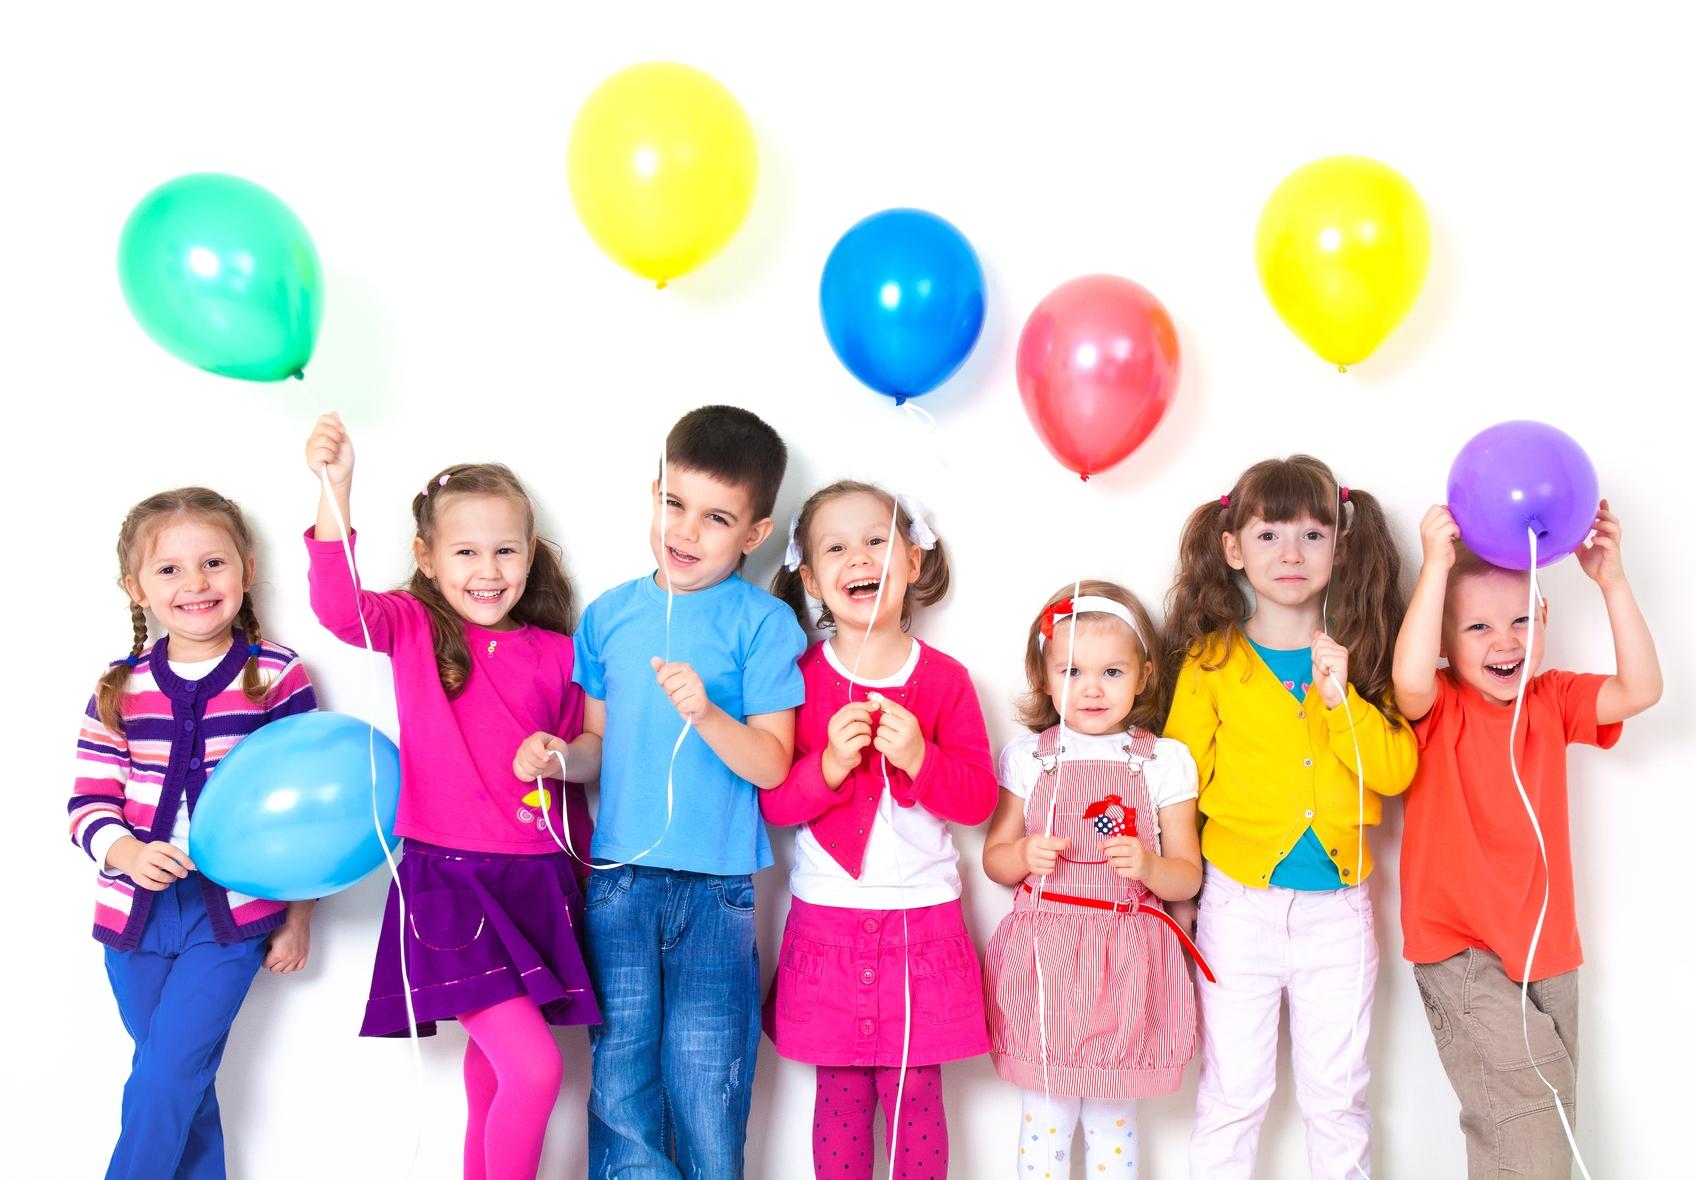 dia del nino villaclub casas - برگزاری جشن تولد خلاقانه و شاد برای کودکان